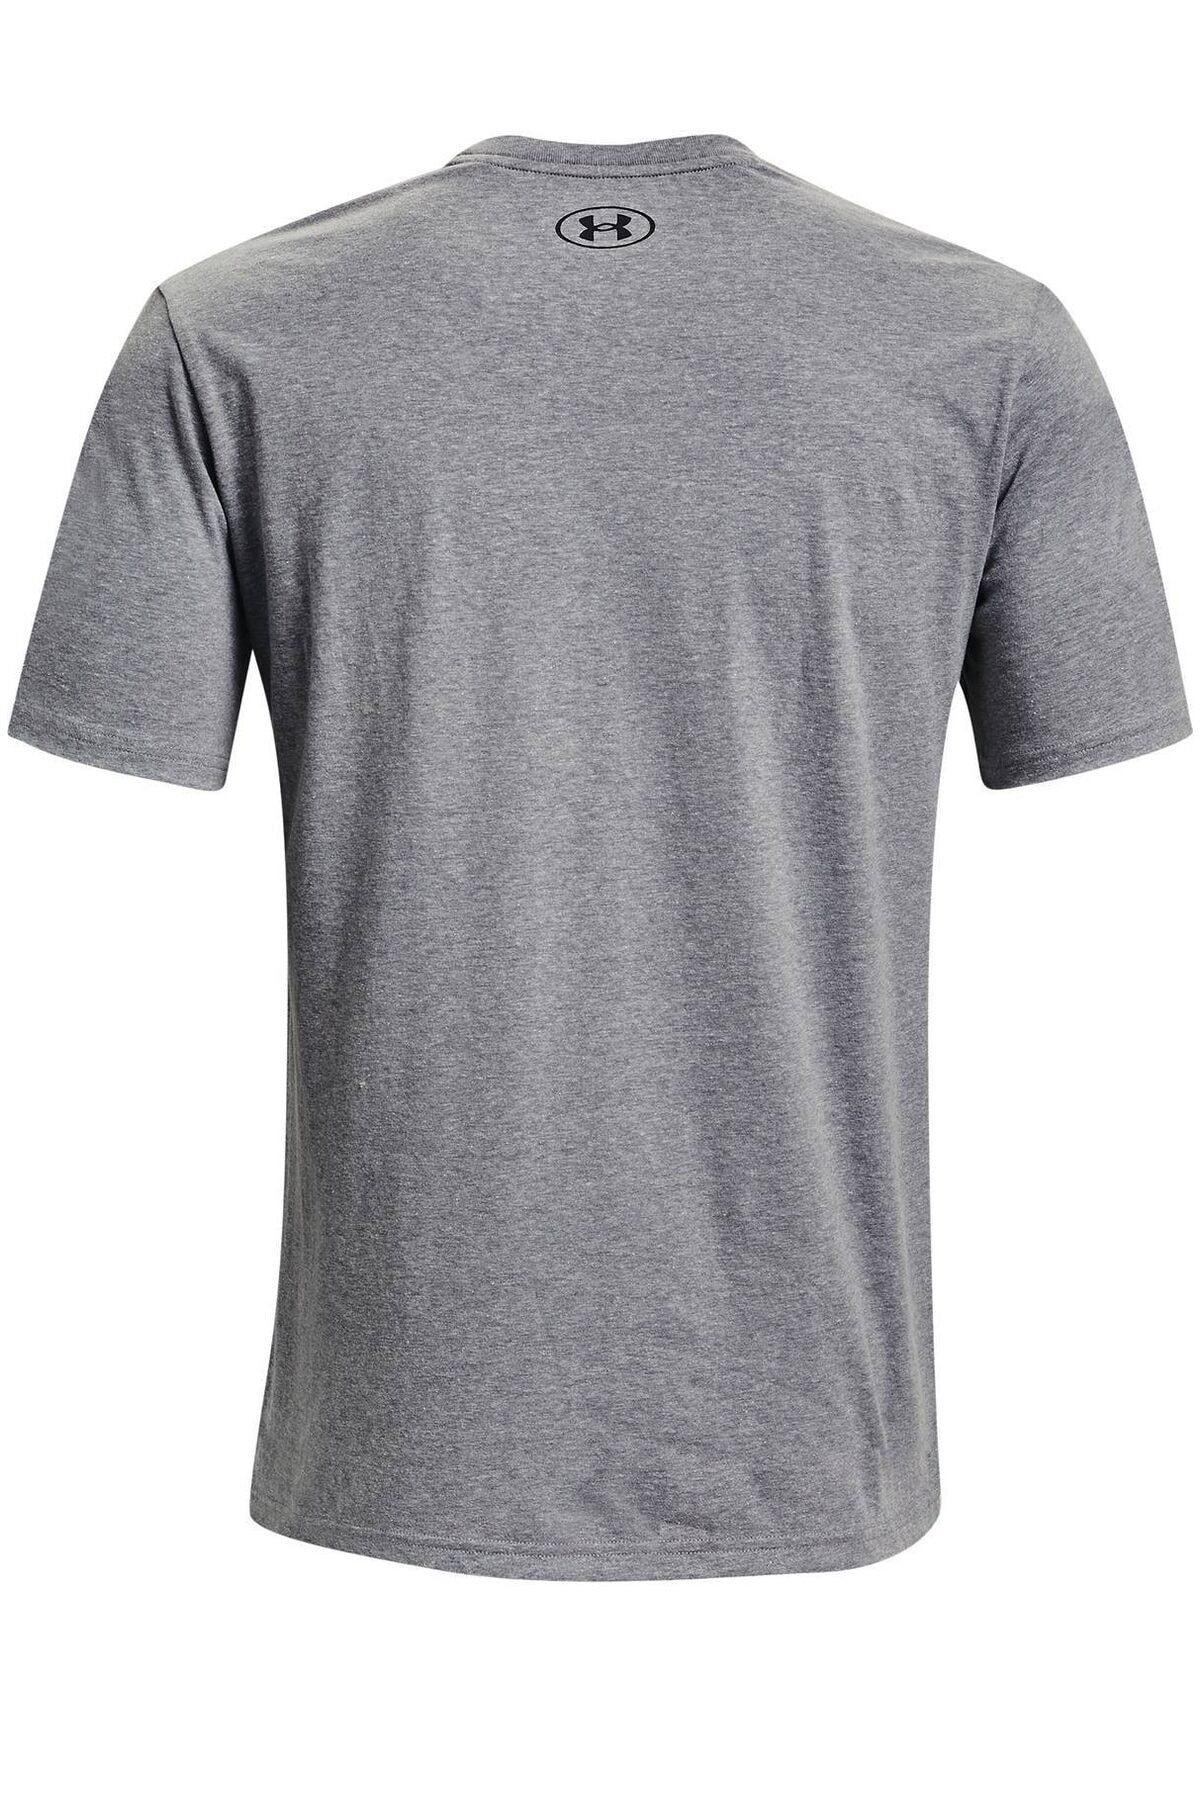 Under Armour Erkek Spor T-Shirt - UA Pjt Rock Brahma Bull SS - 1361733-035 2